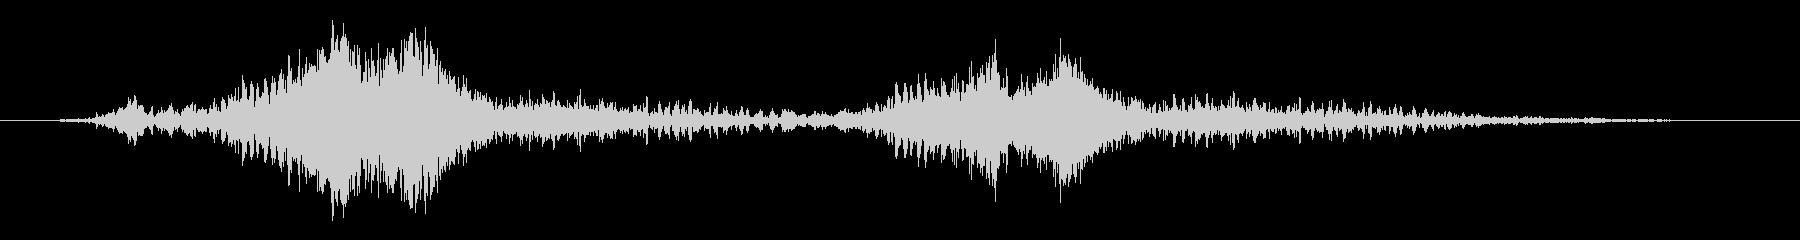 シャキーンボウッ(2回炎の剣を振った音)の未再生の波形